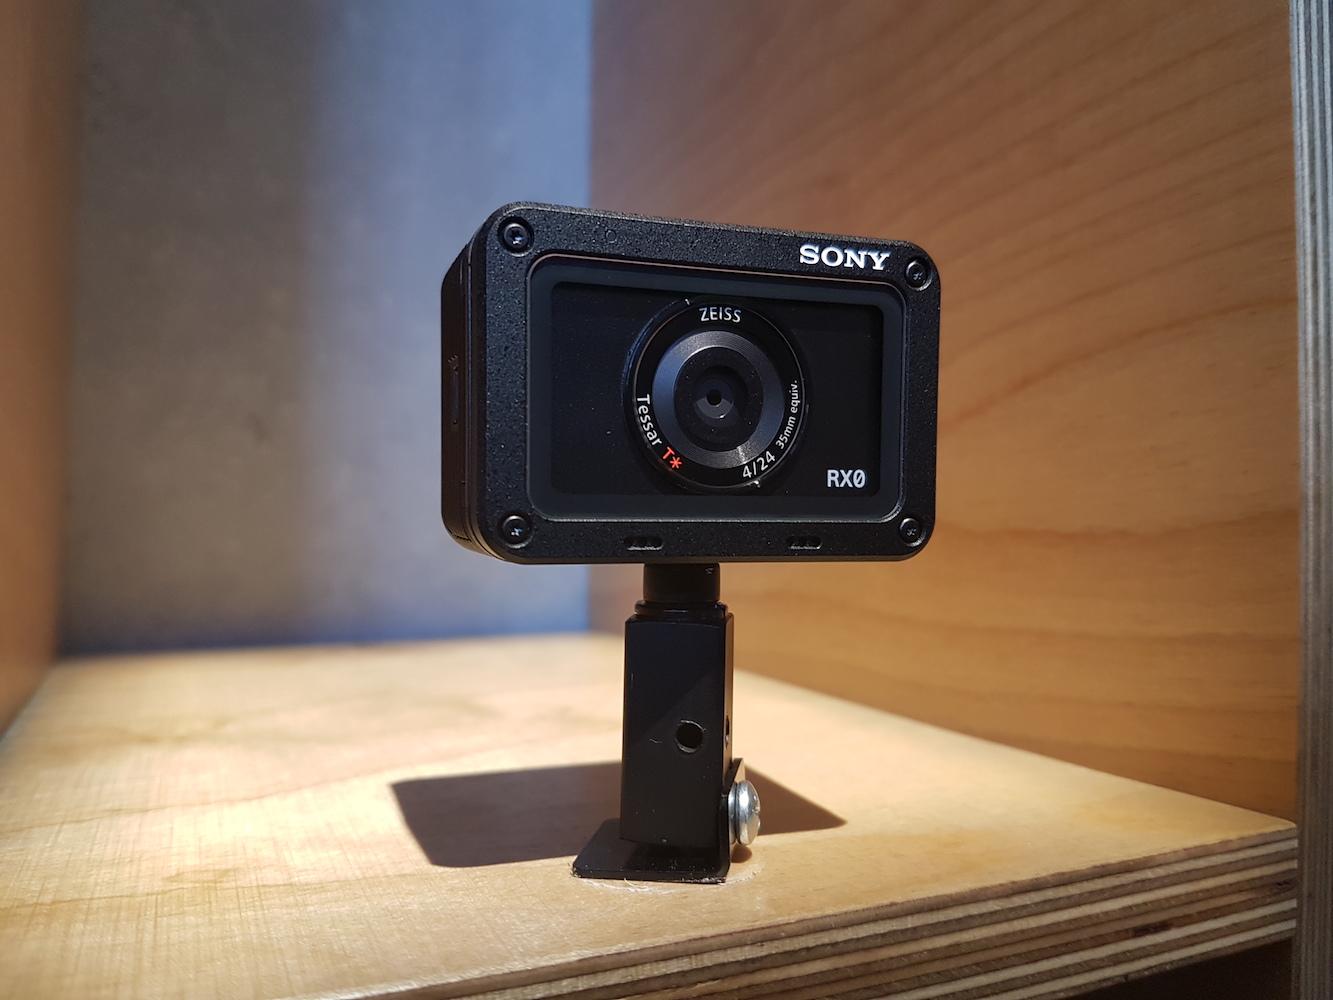 Kamera Sony RX0 - wygląd urządzenia